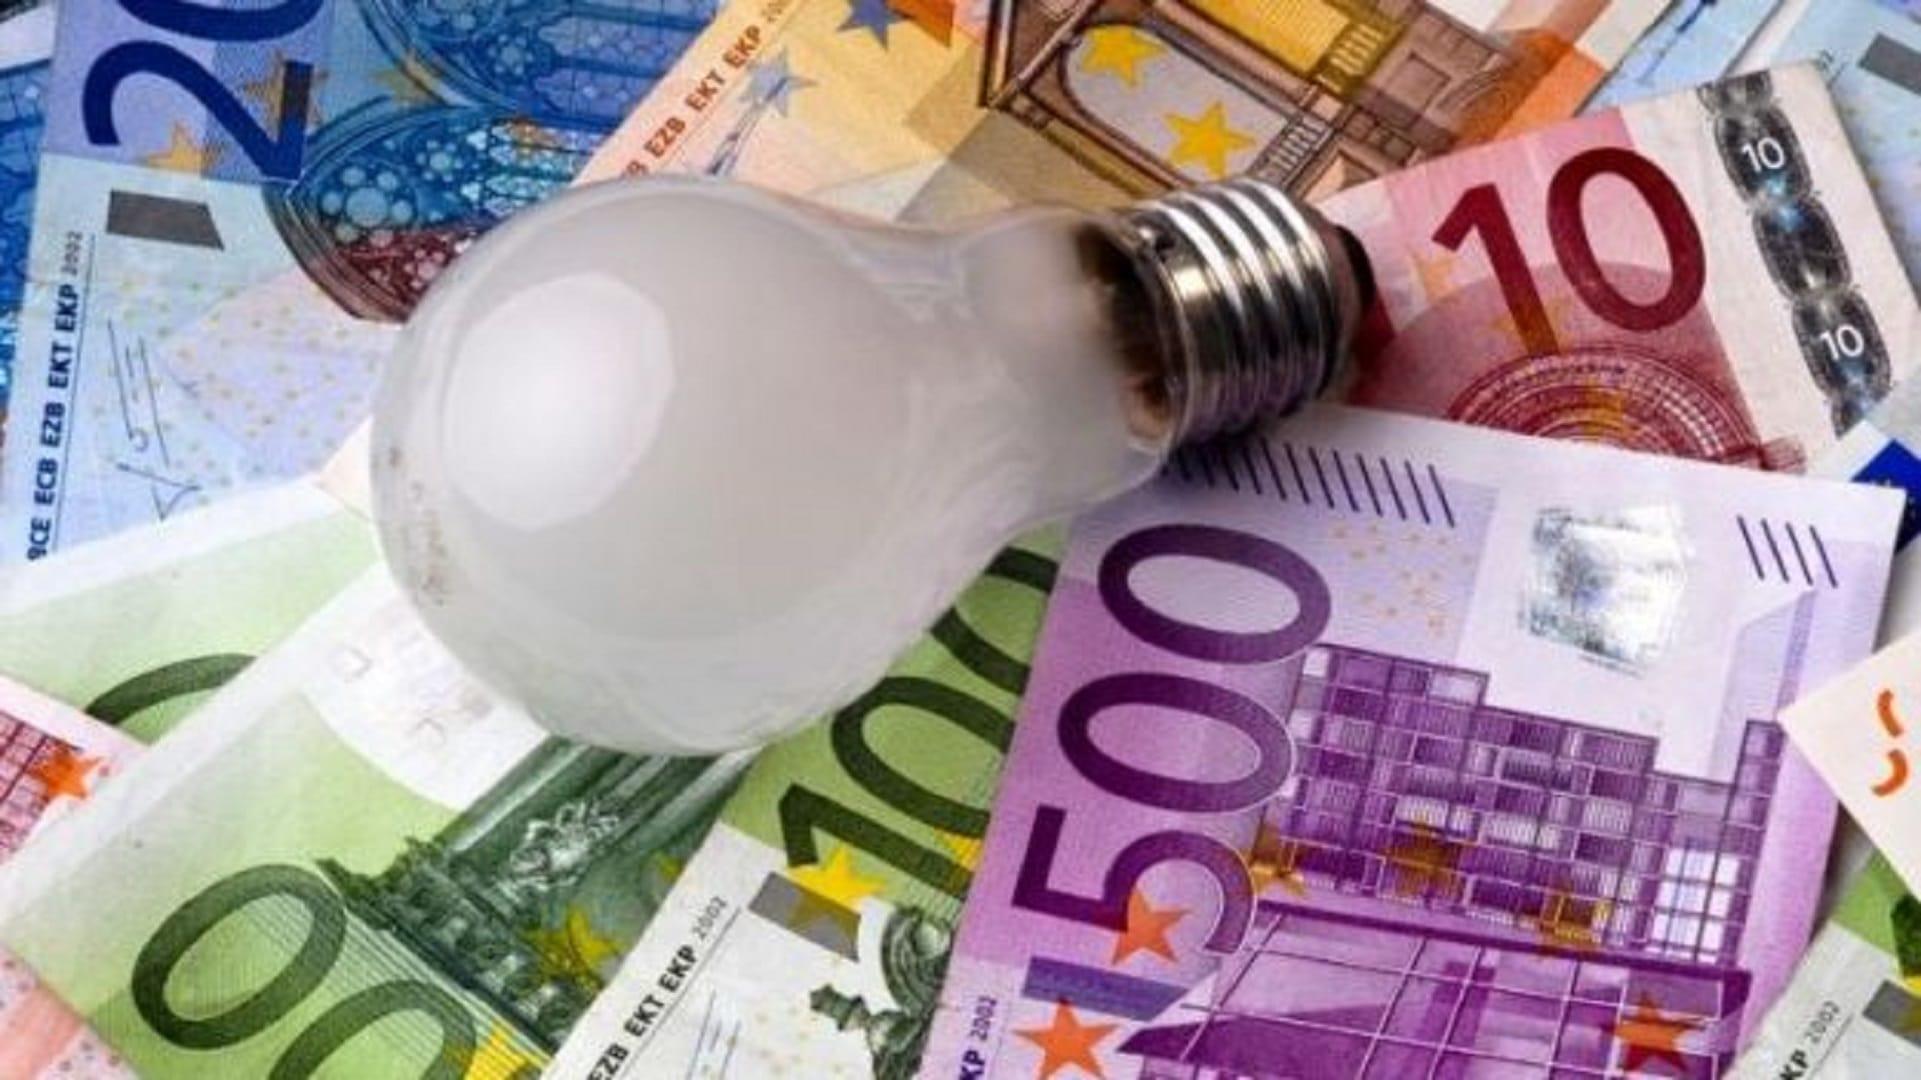 bolette,energia,rincaro,costi, soluzioni,risparmiare,fotovoltaico,isolamento, termico,coibentazione, abitazion, condomini,